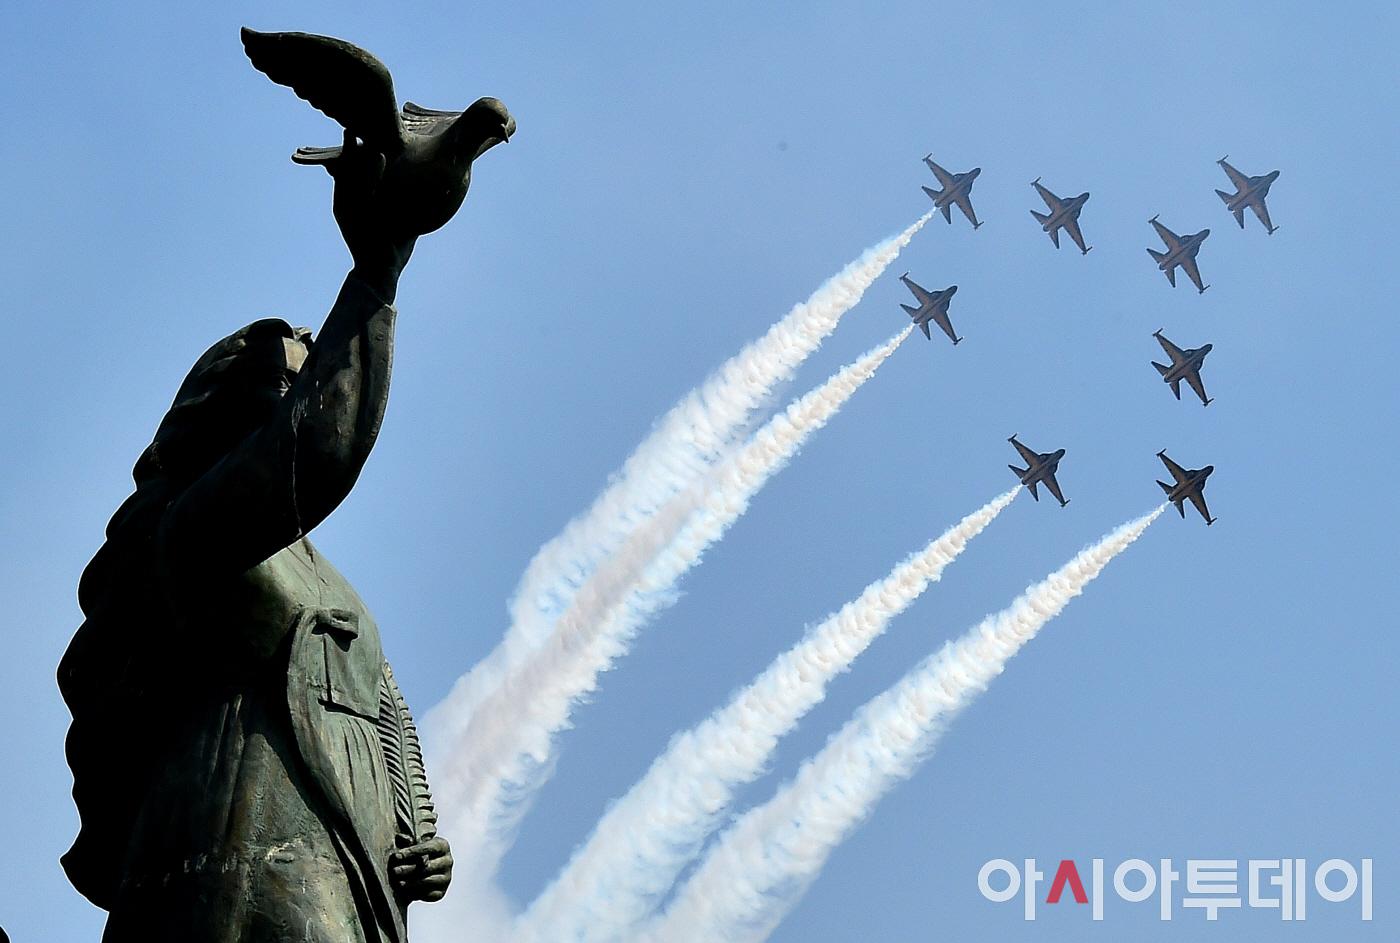 [포토] 대한민국 공군 특수비행팀 블랙이글스의 화려한 비행